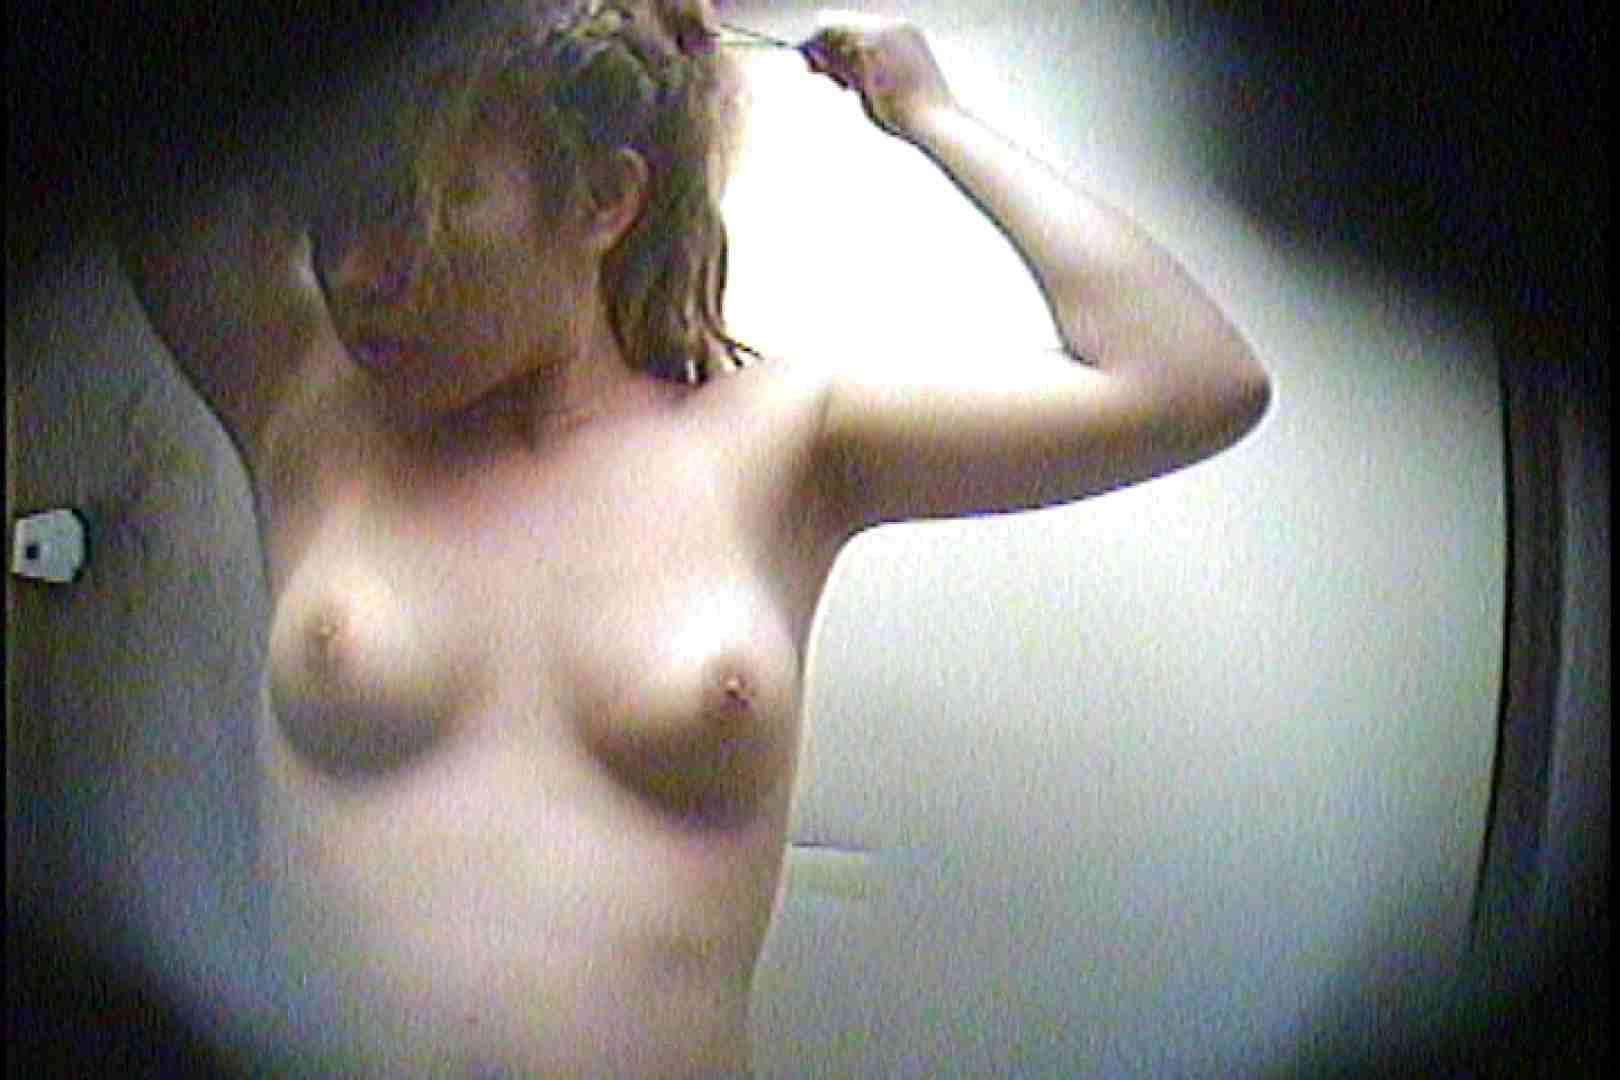 海の家の更衣室 Vol.21 エッチすぎる美女 隠し撮りオマンコ動画紹介 38連発 14